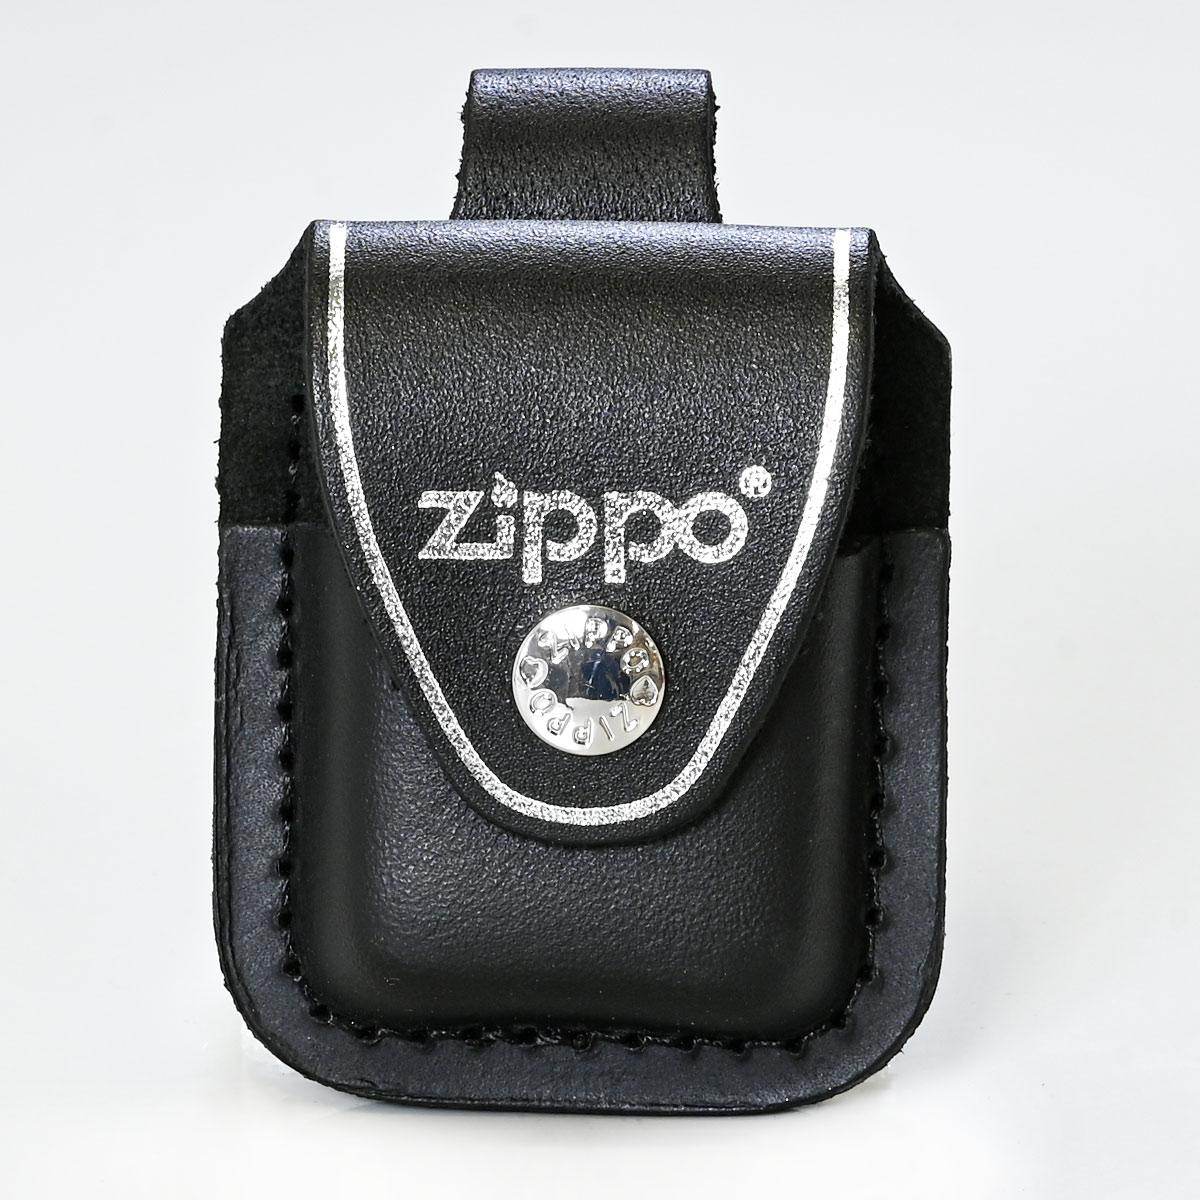 ジッポケース 専用ケース 革ポーチ ボタン留め ZIPPO純正 アクセサリ ブラック LPLBK